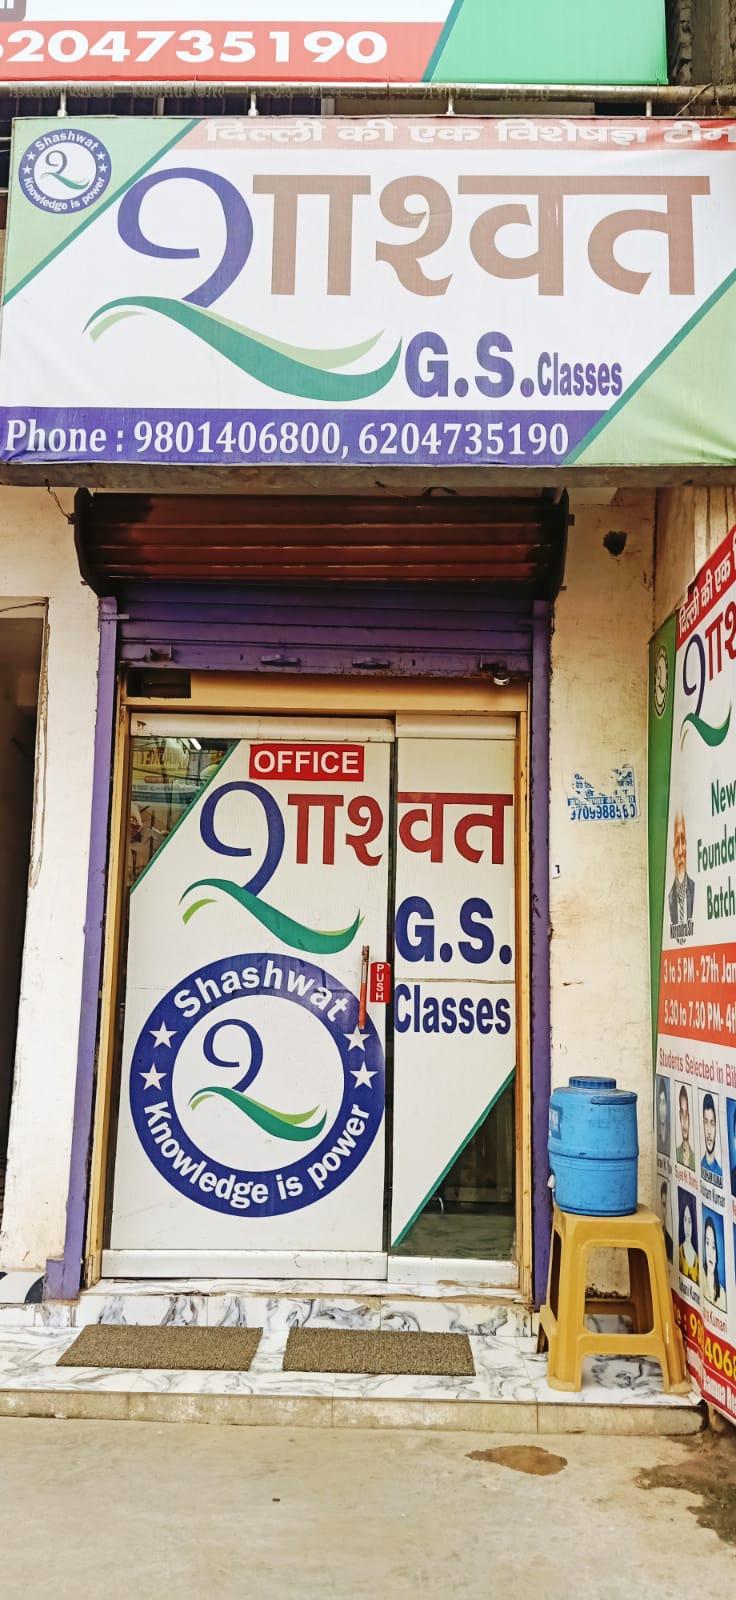 Shashwat GS Classes Logo